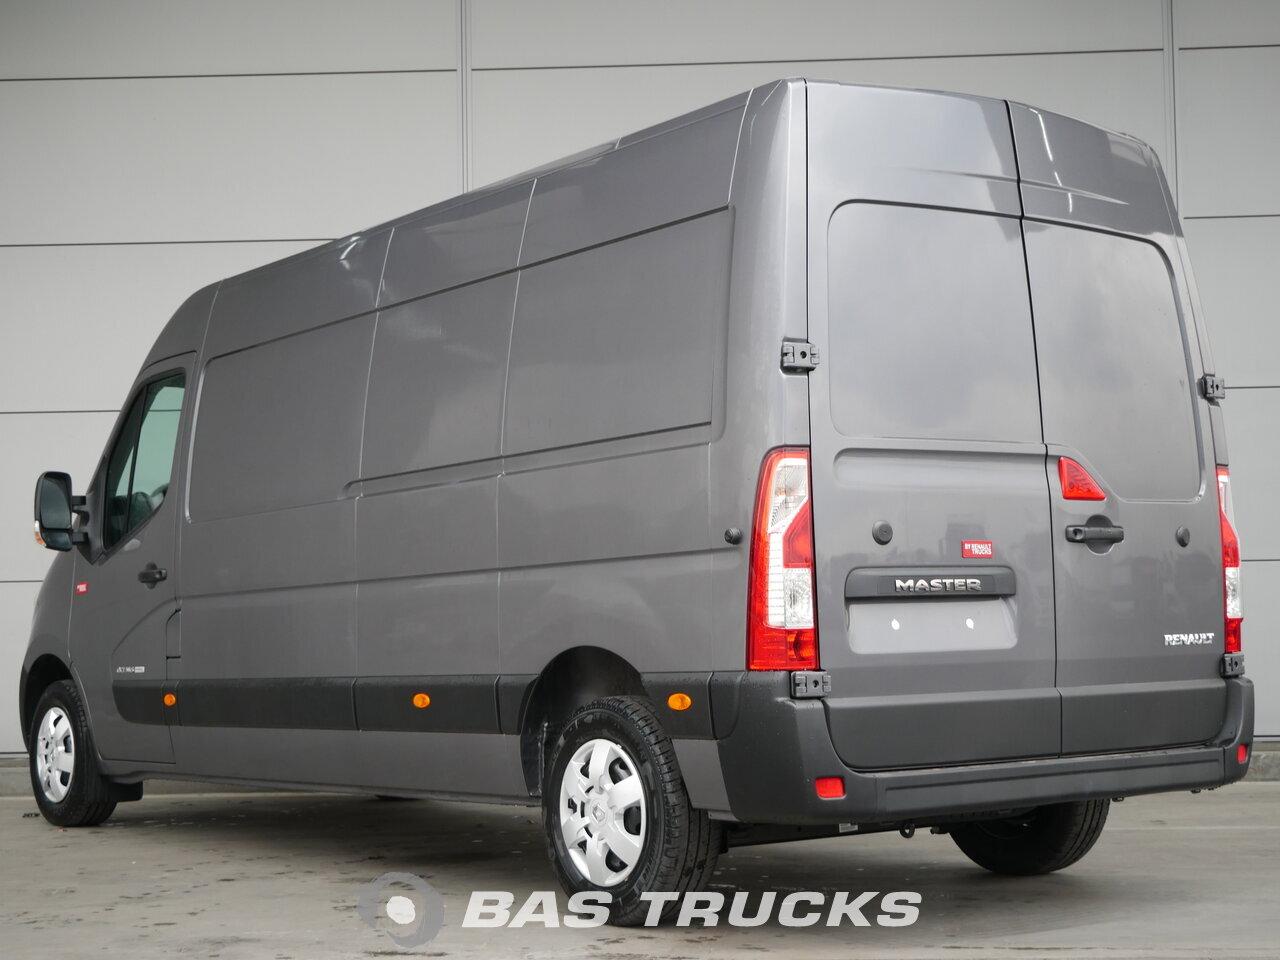 renault master lcv euro 6 22800 bas trucks. Black Bedroom Furniture Sets. Home Design Ideas